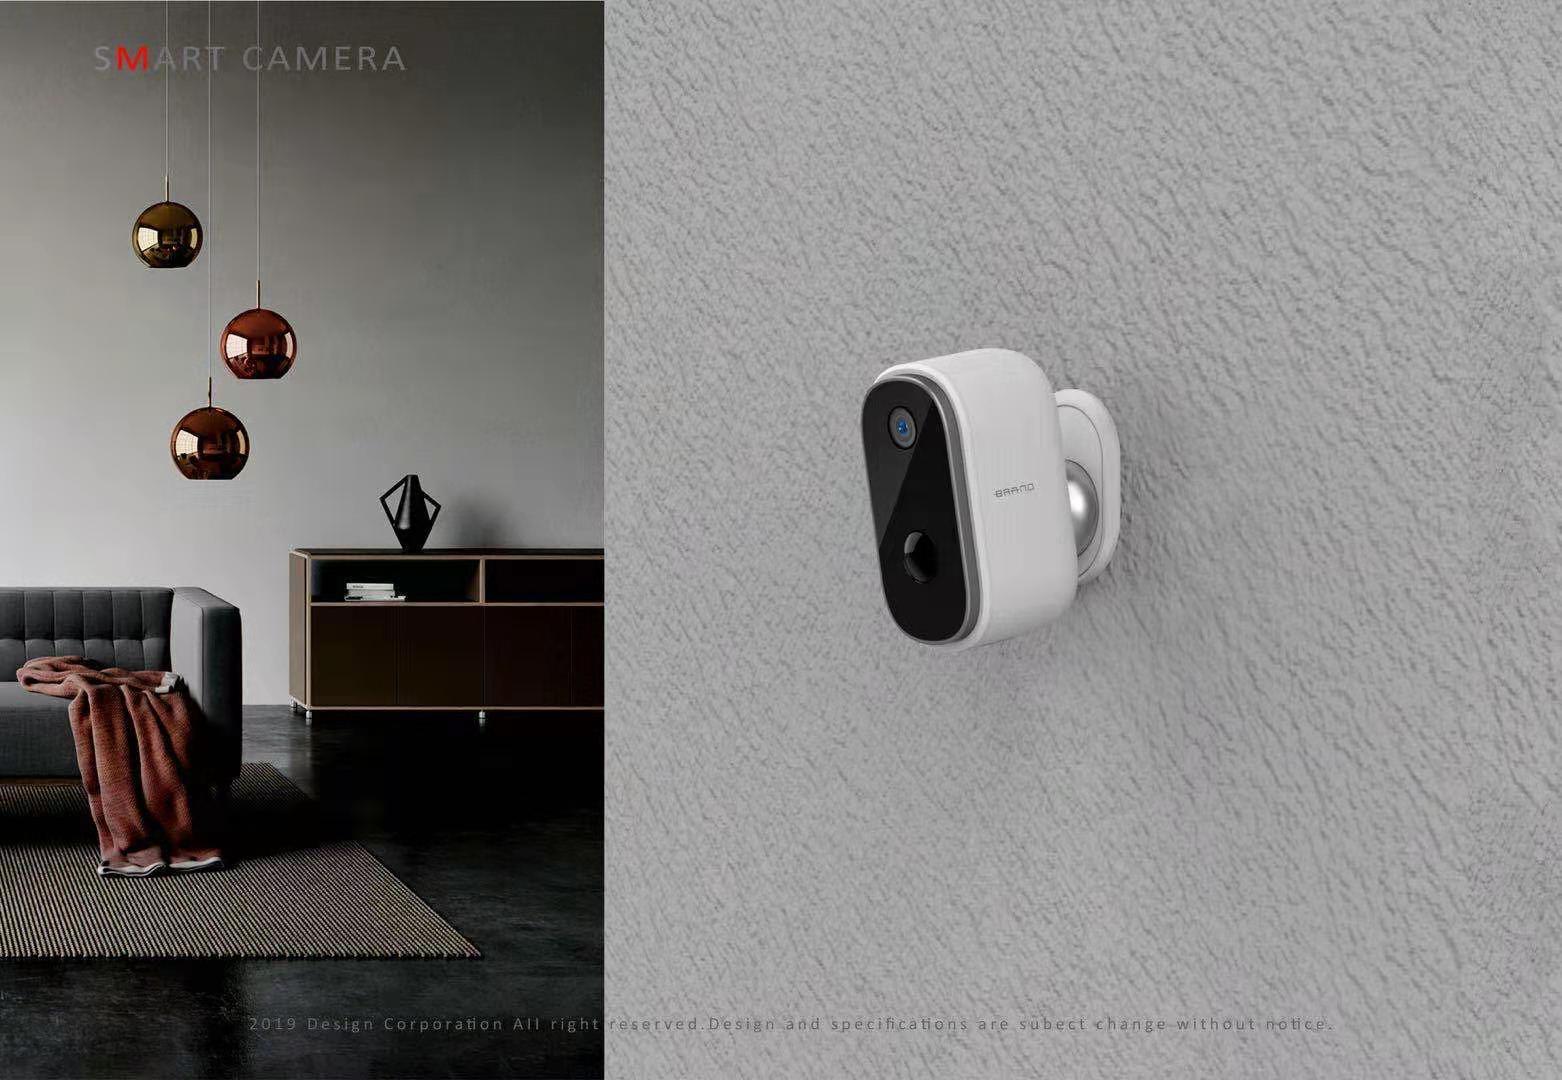 1080p Батарея беспроводной Камеры Скрытого видеонаблюдения с поддержкой Wi-Fi дома внешняя безопасность Батарея аудио сигнала тревоги на откры...